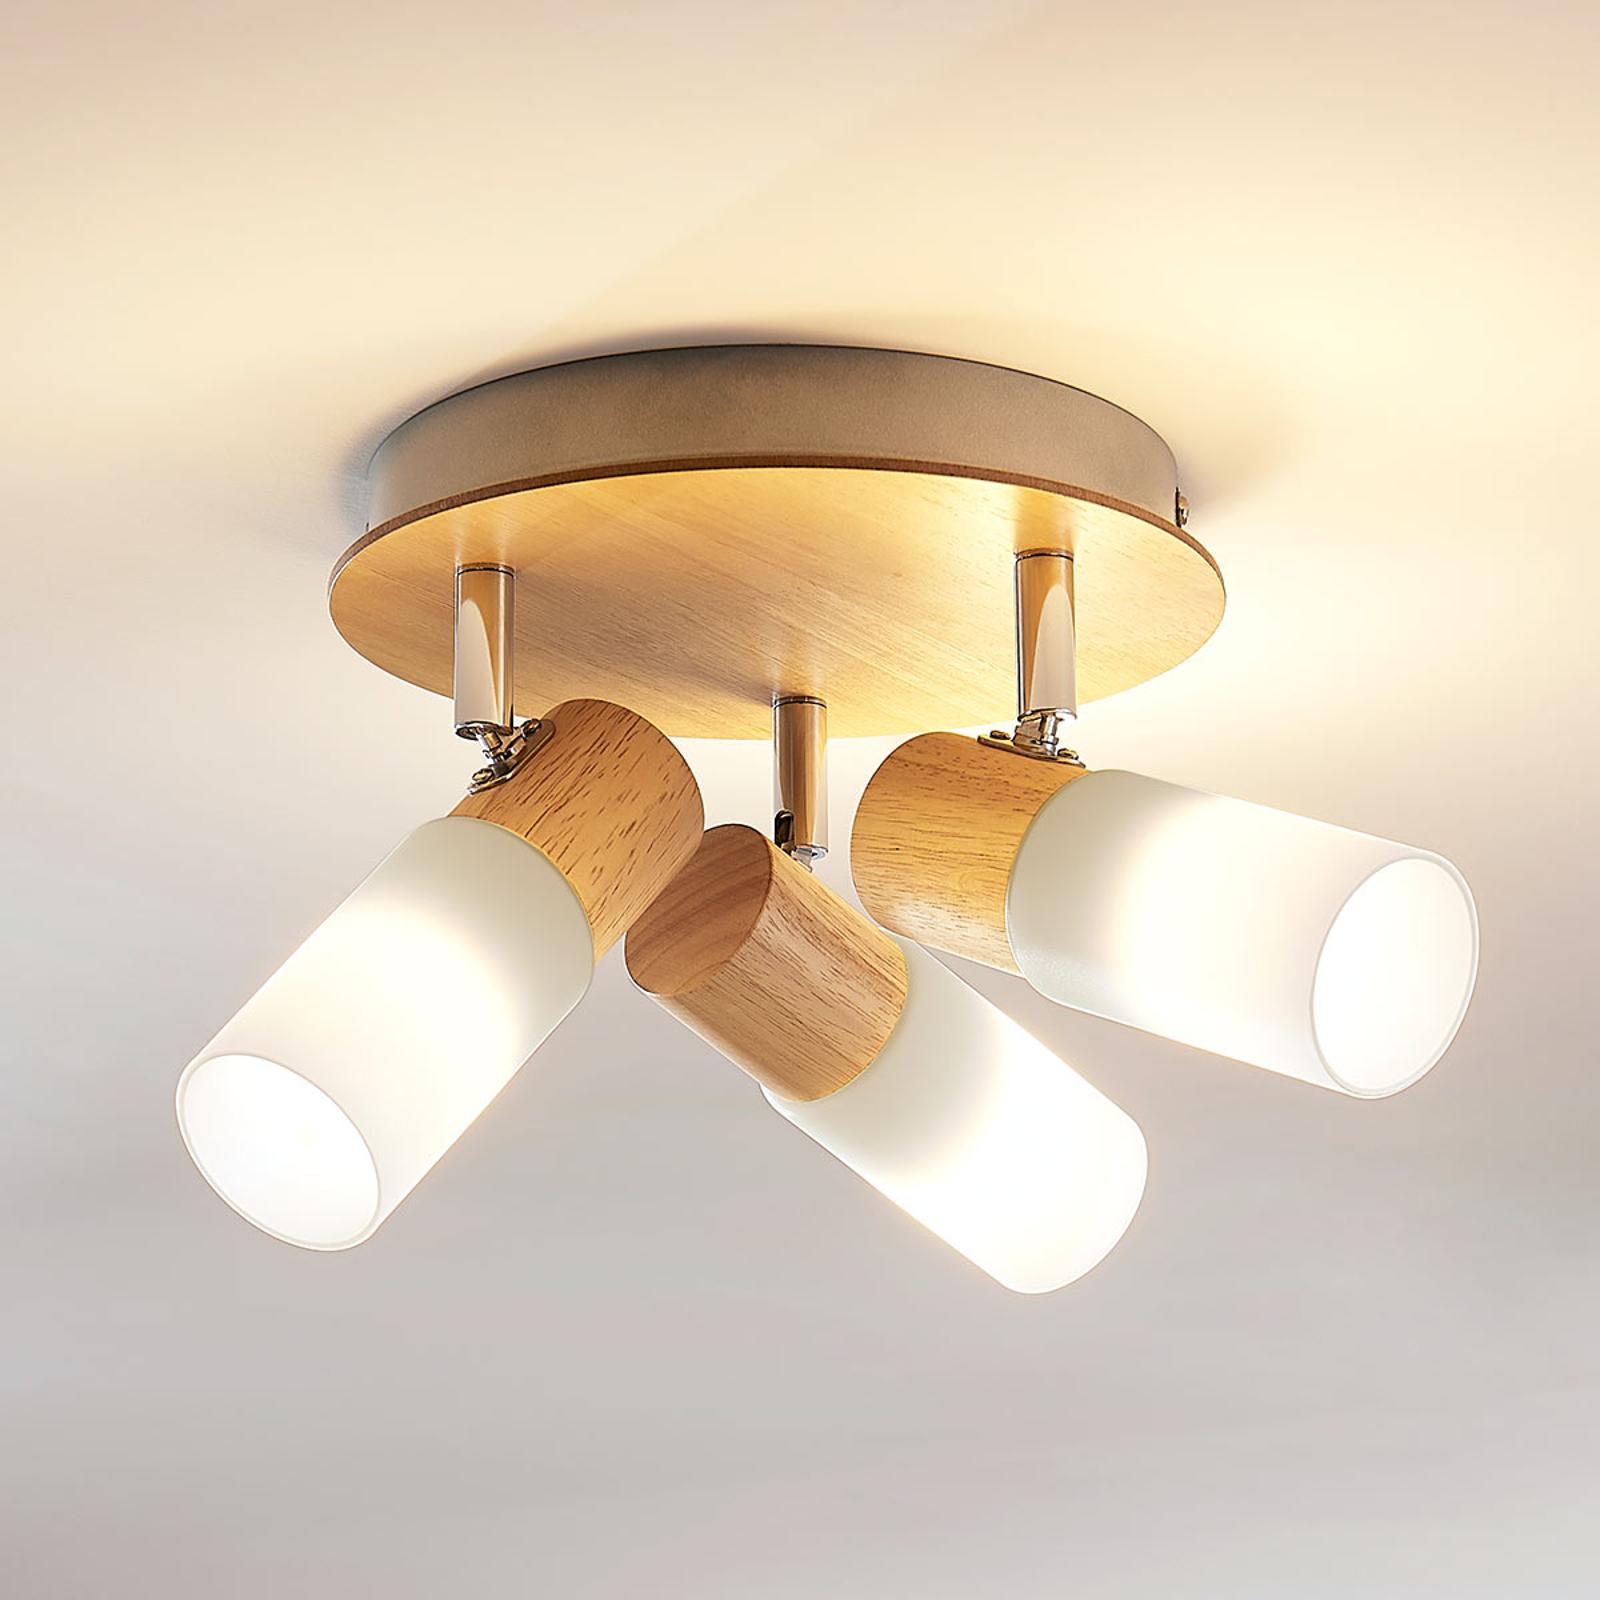 Houten LED plafondlamp Christoph, 3 lampen